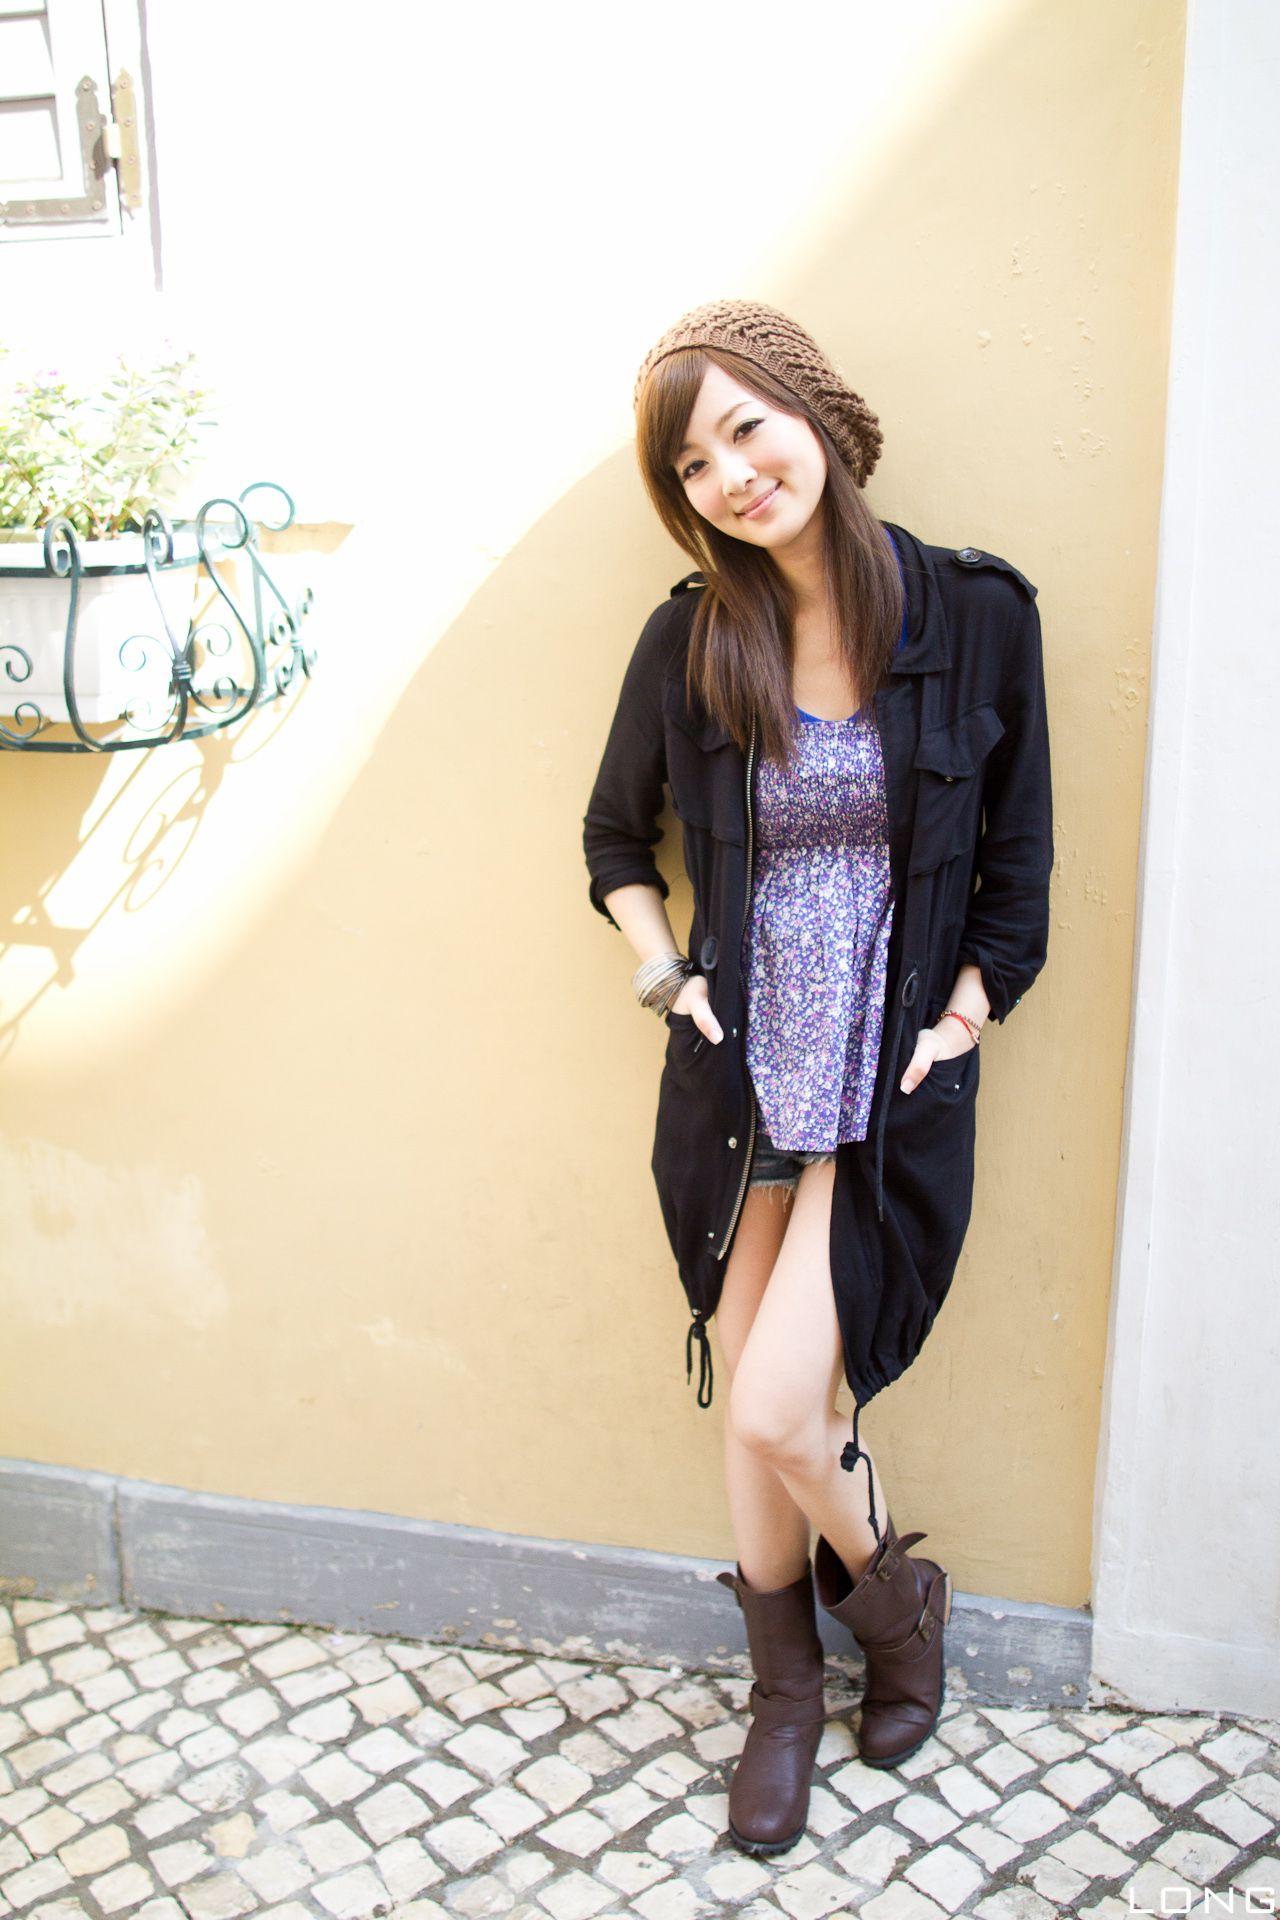 VOL.1252 [台湾正妹]可爱热裤牛仔街拍:张凯洁(张允霏,果子MM)高品质写真套图(190P)